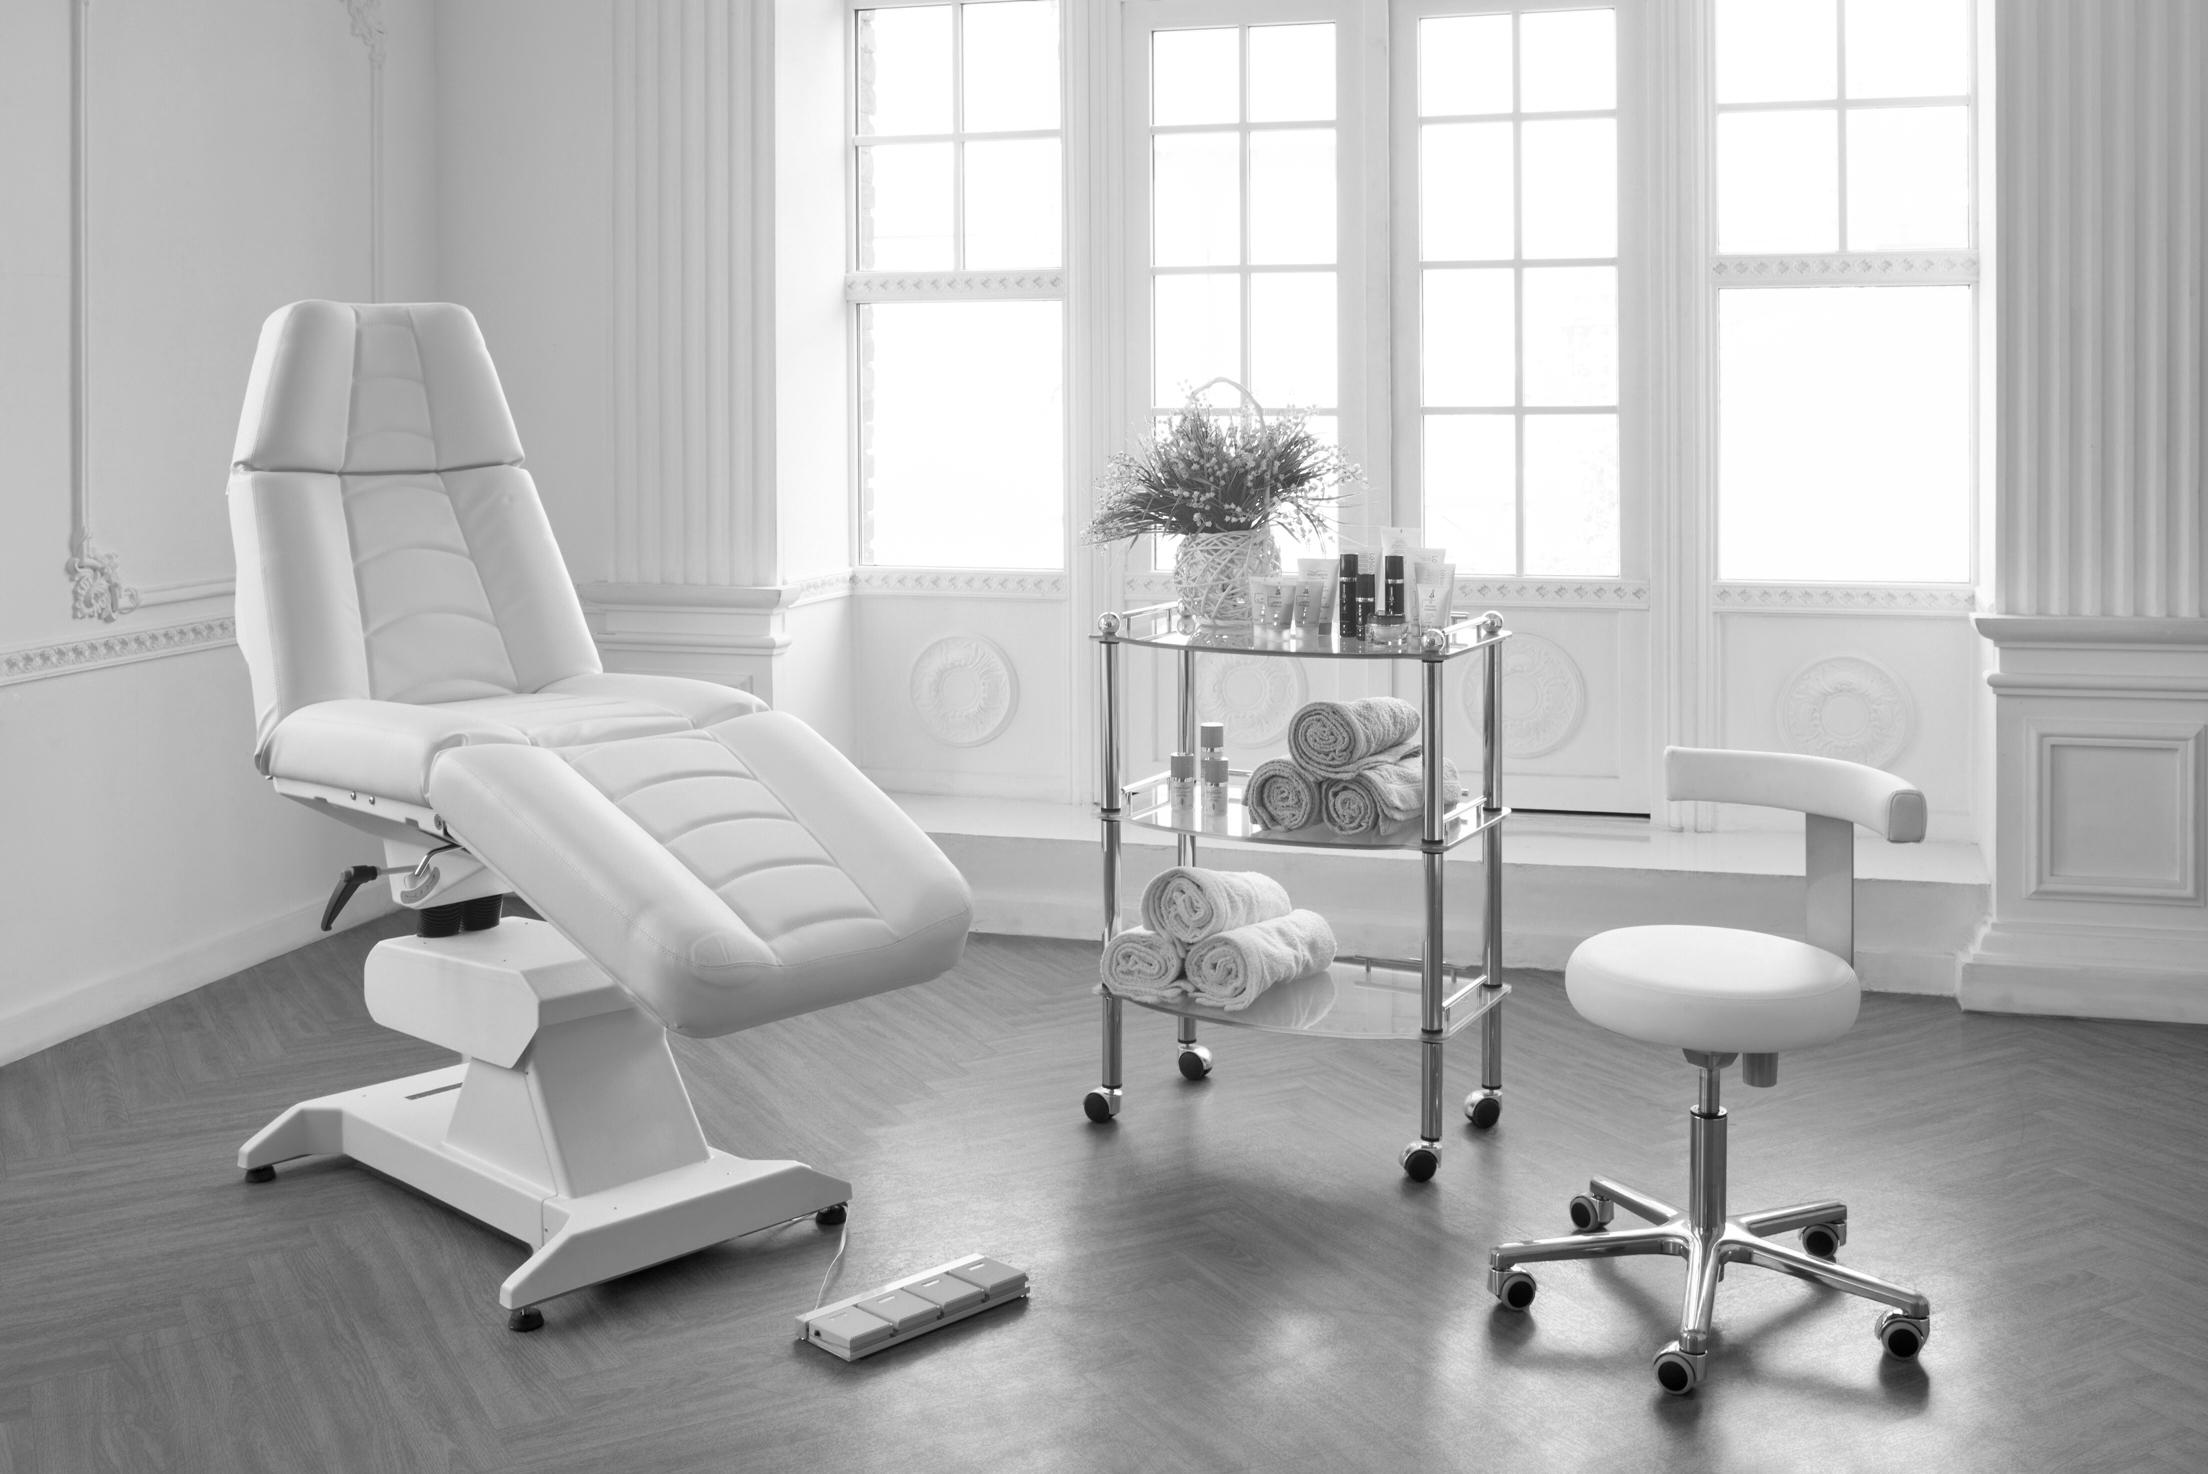 Косметологическое оборудование для салонов красоты